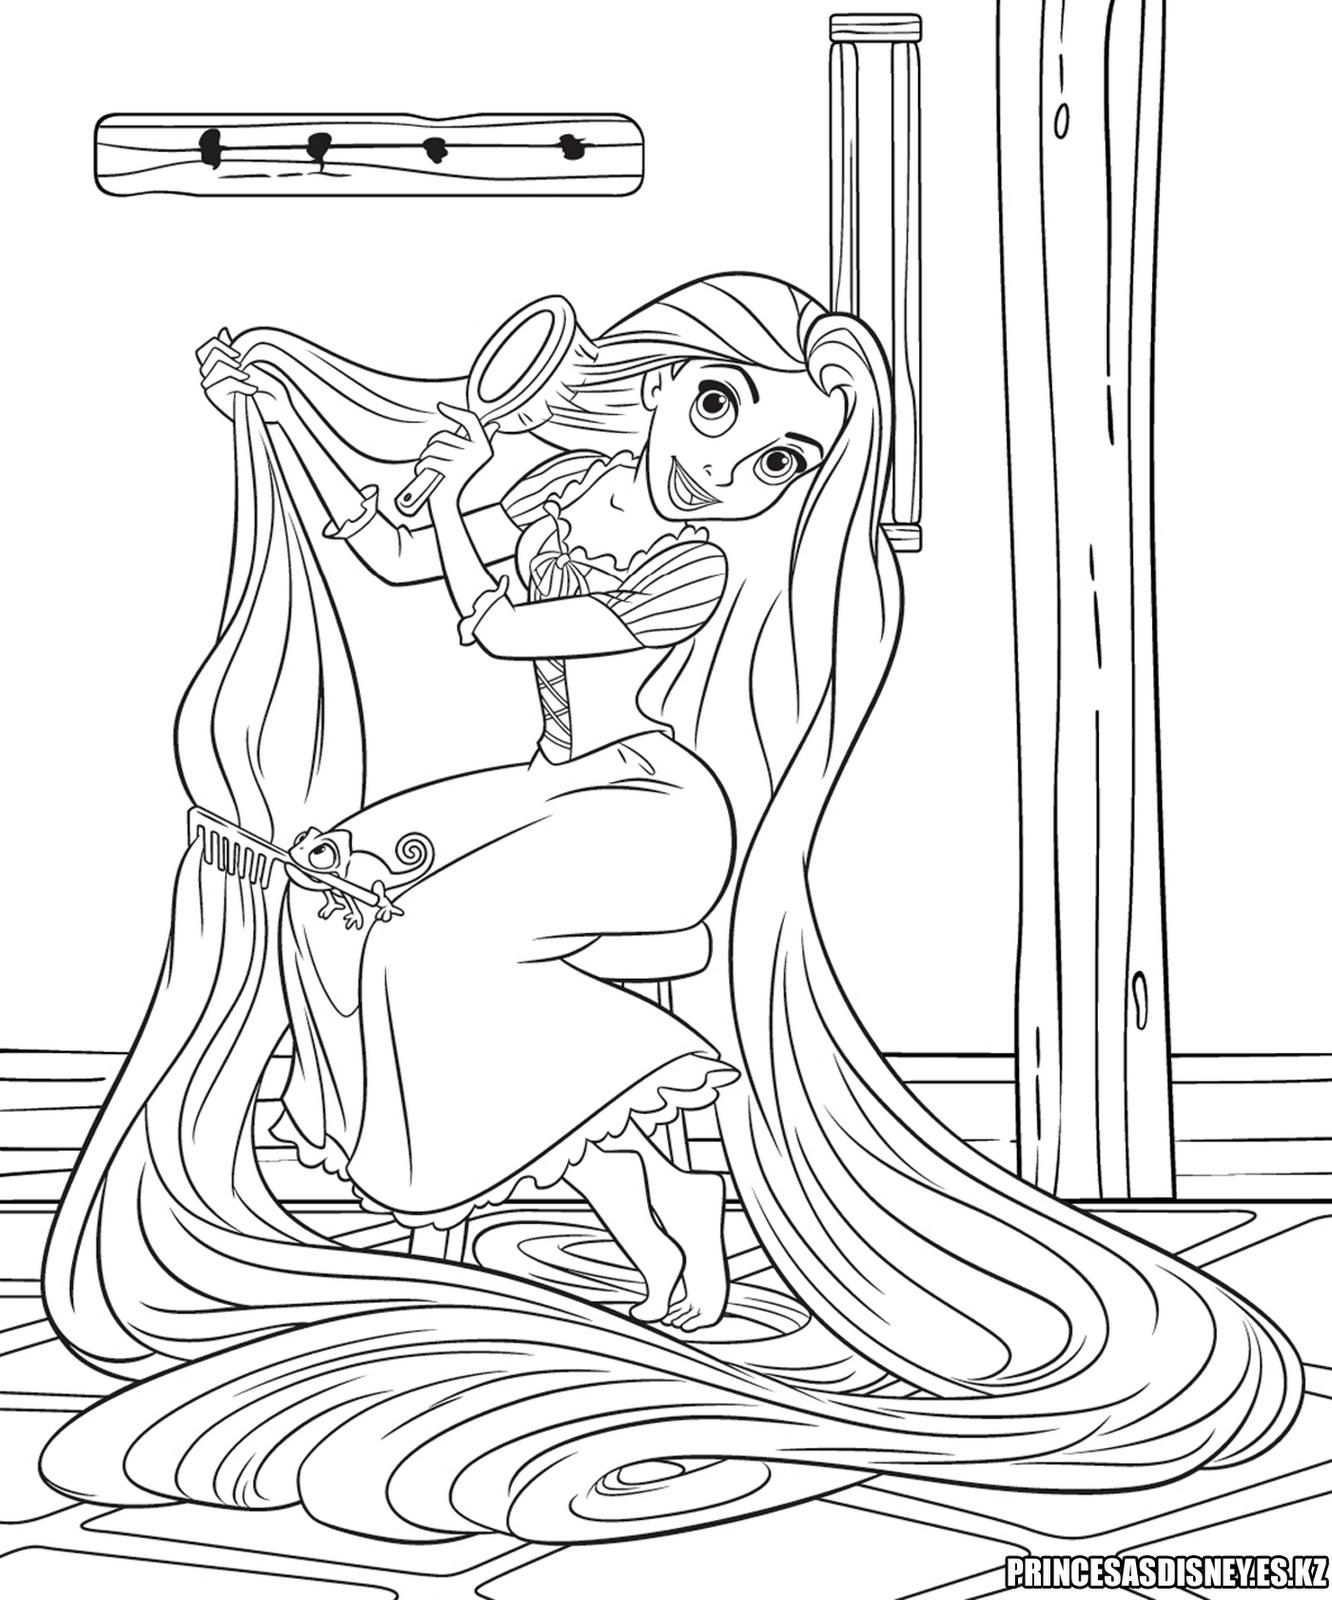 Princesas Disney Dibujo Para Colorear De Rapunzel Enredados